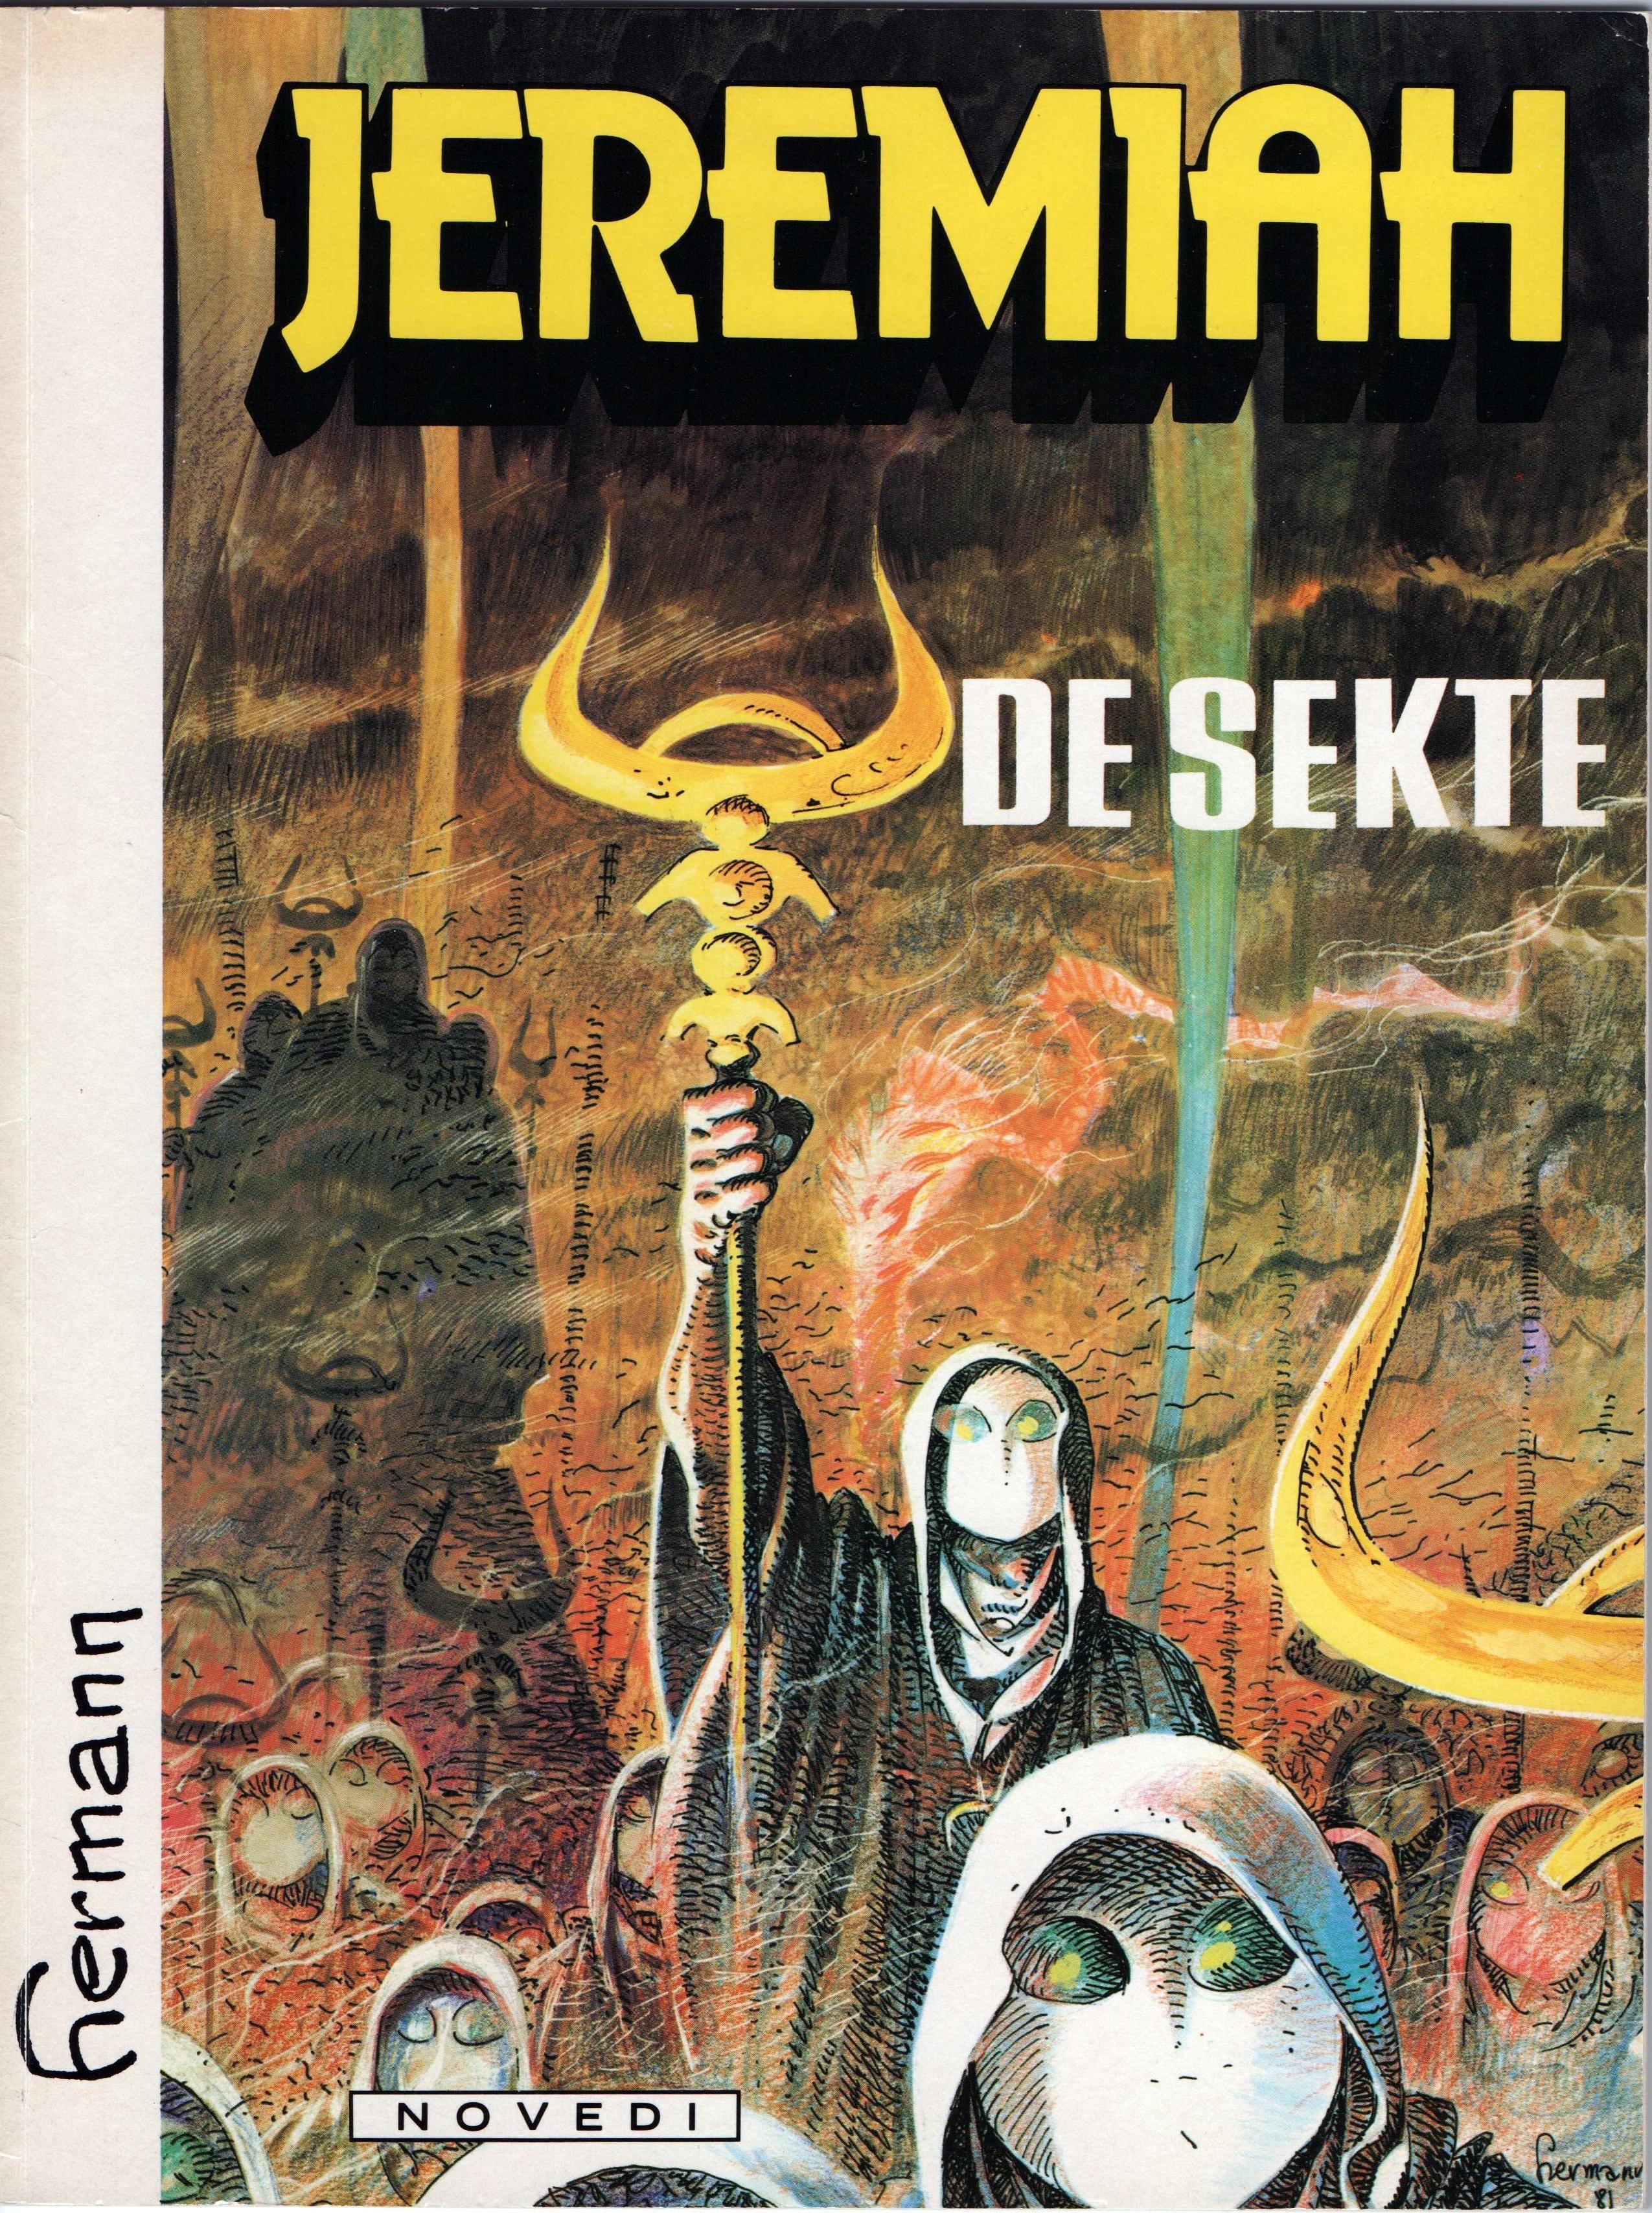 Jeremiah De Sekte Tekenaar Tekst Hermann Novedi 1982 Stripverhalen